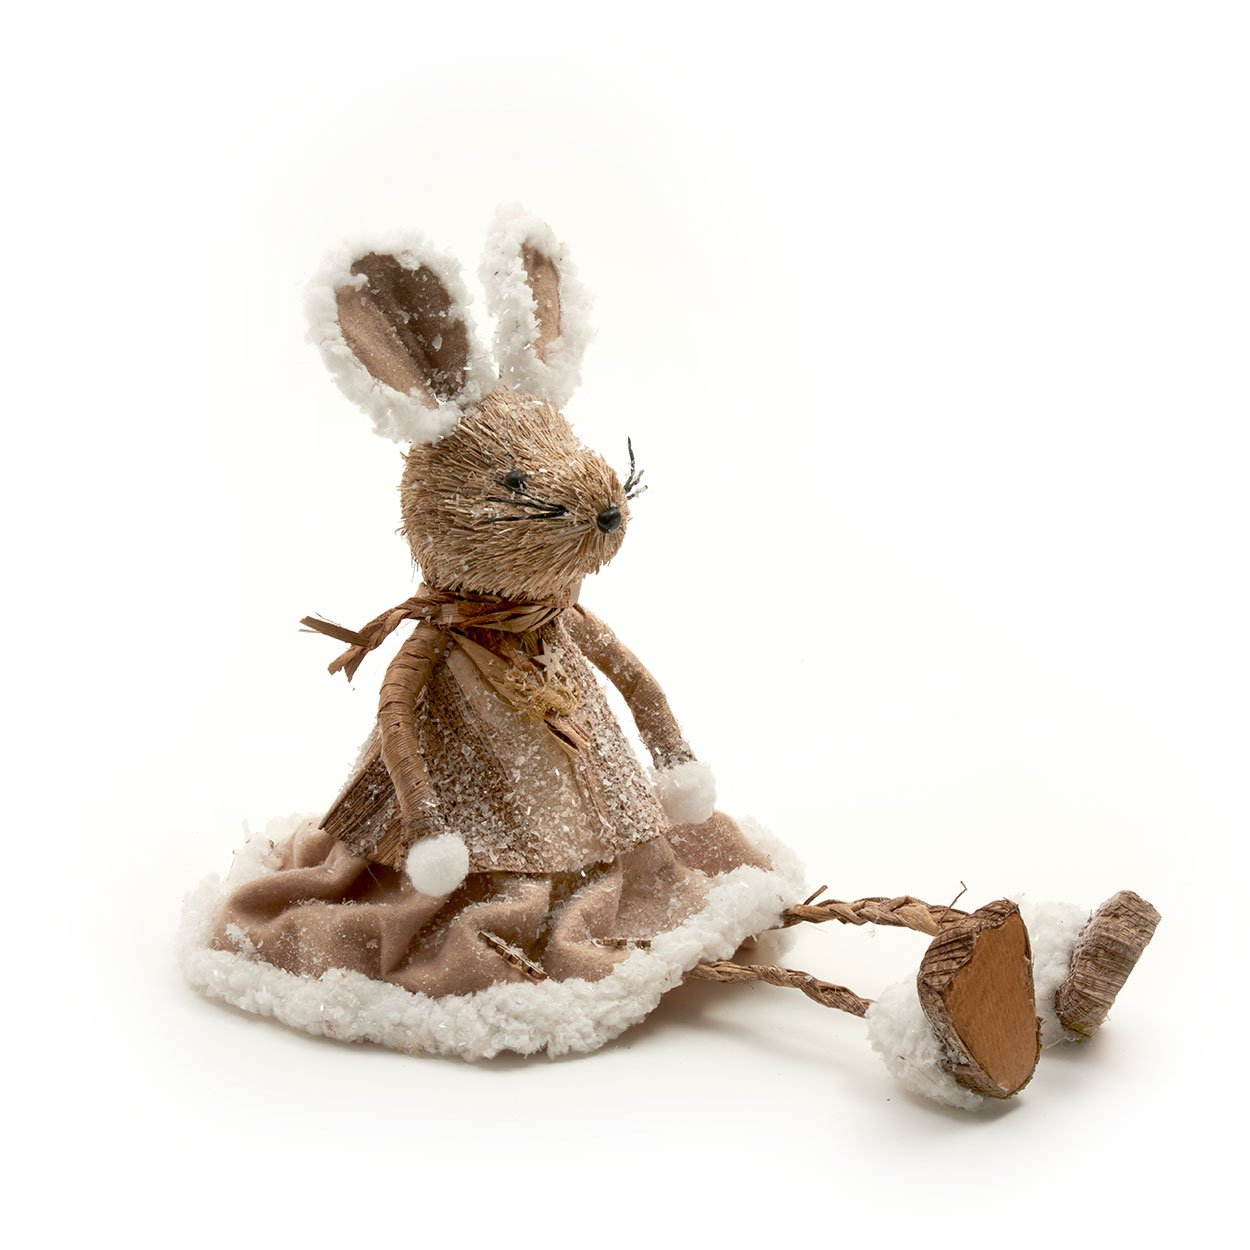 Bristle Mouse Christmas Figure with Fabric Skirt & Faux Fur Trim (40cm) Heaven Sends